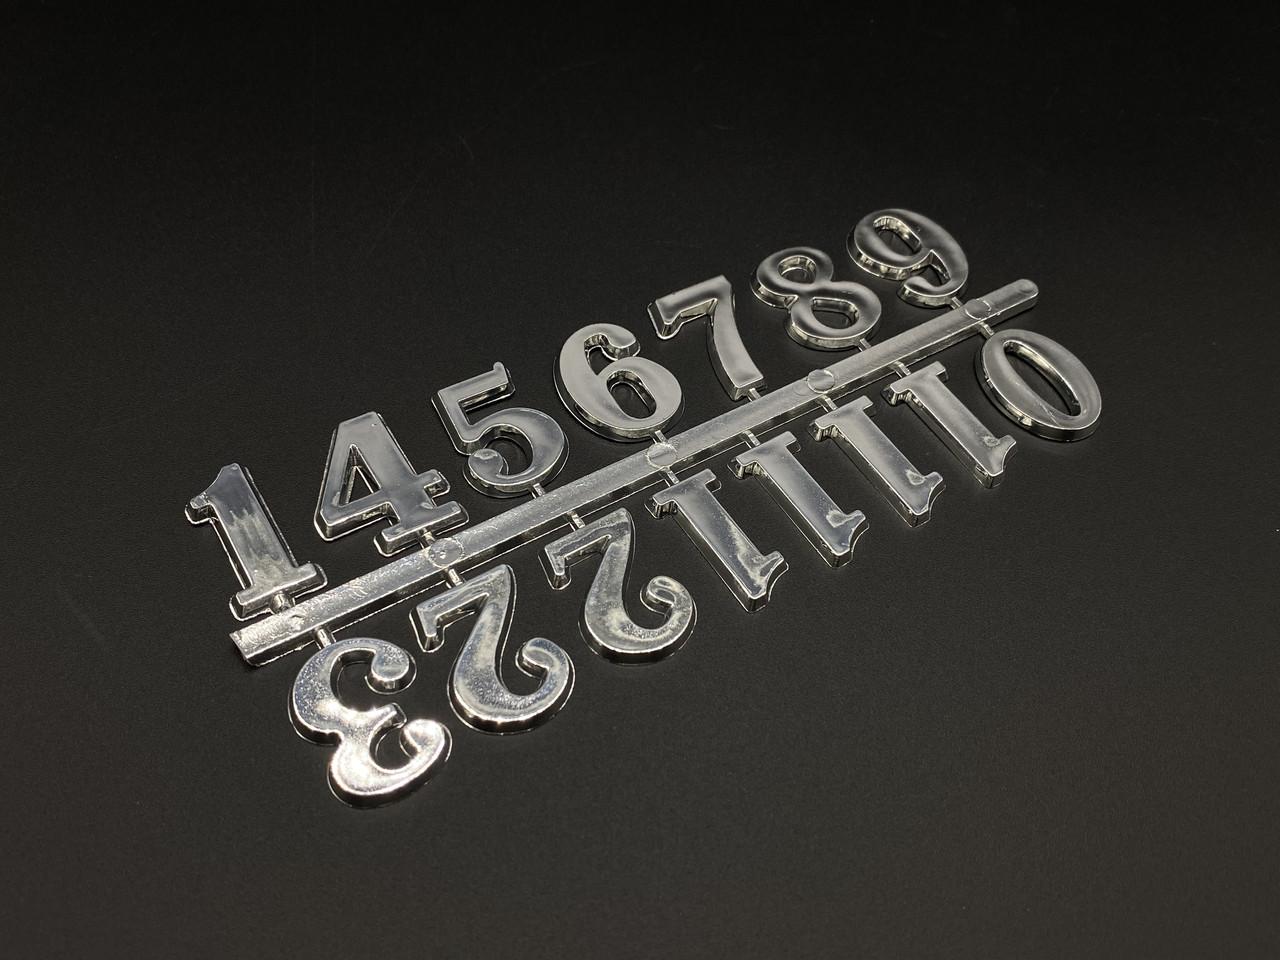 Цифры для часов. Цвет серебро. 2.5см